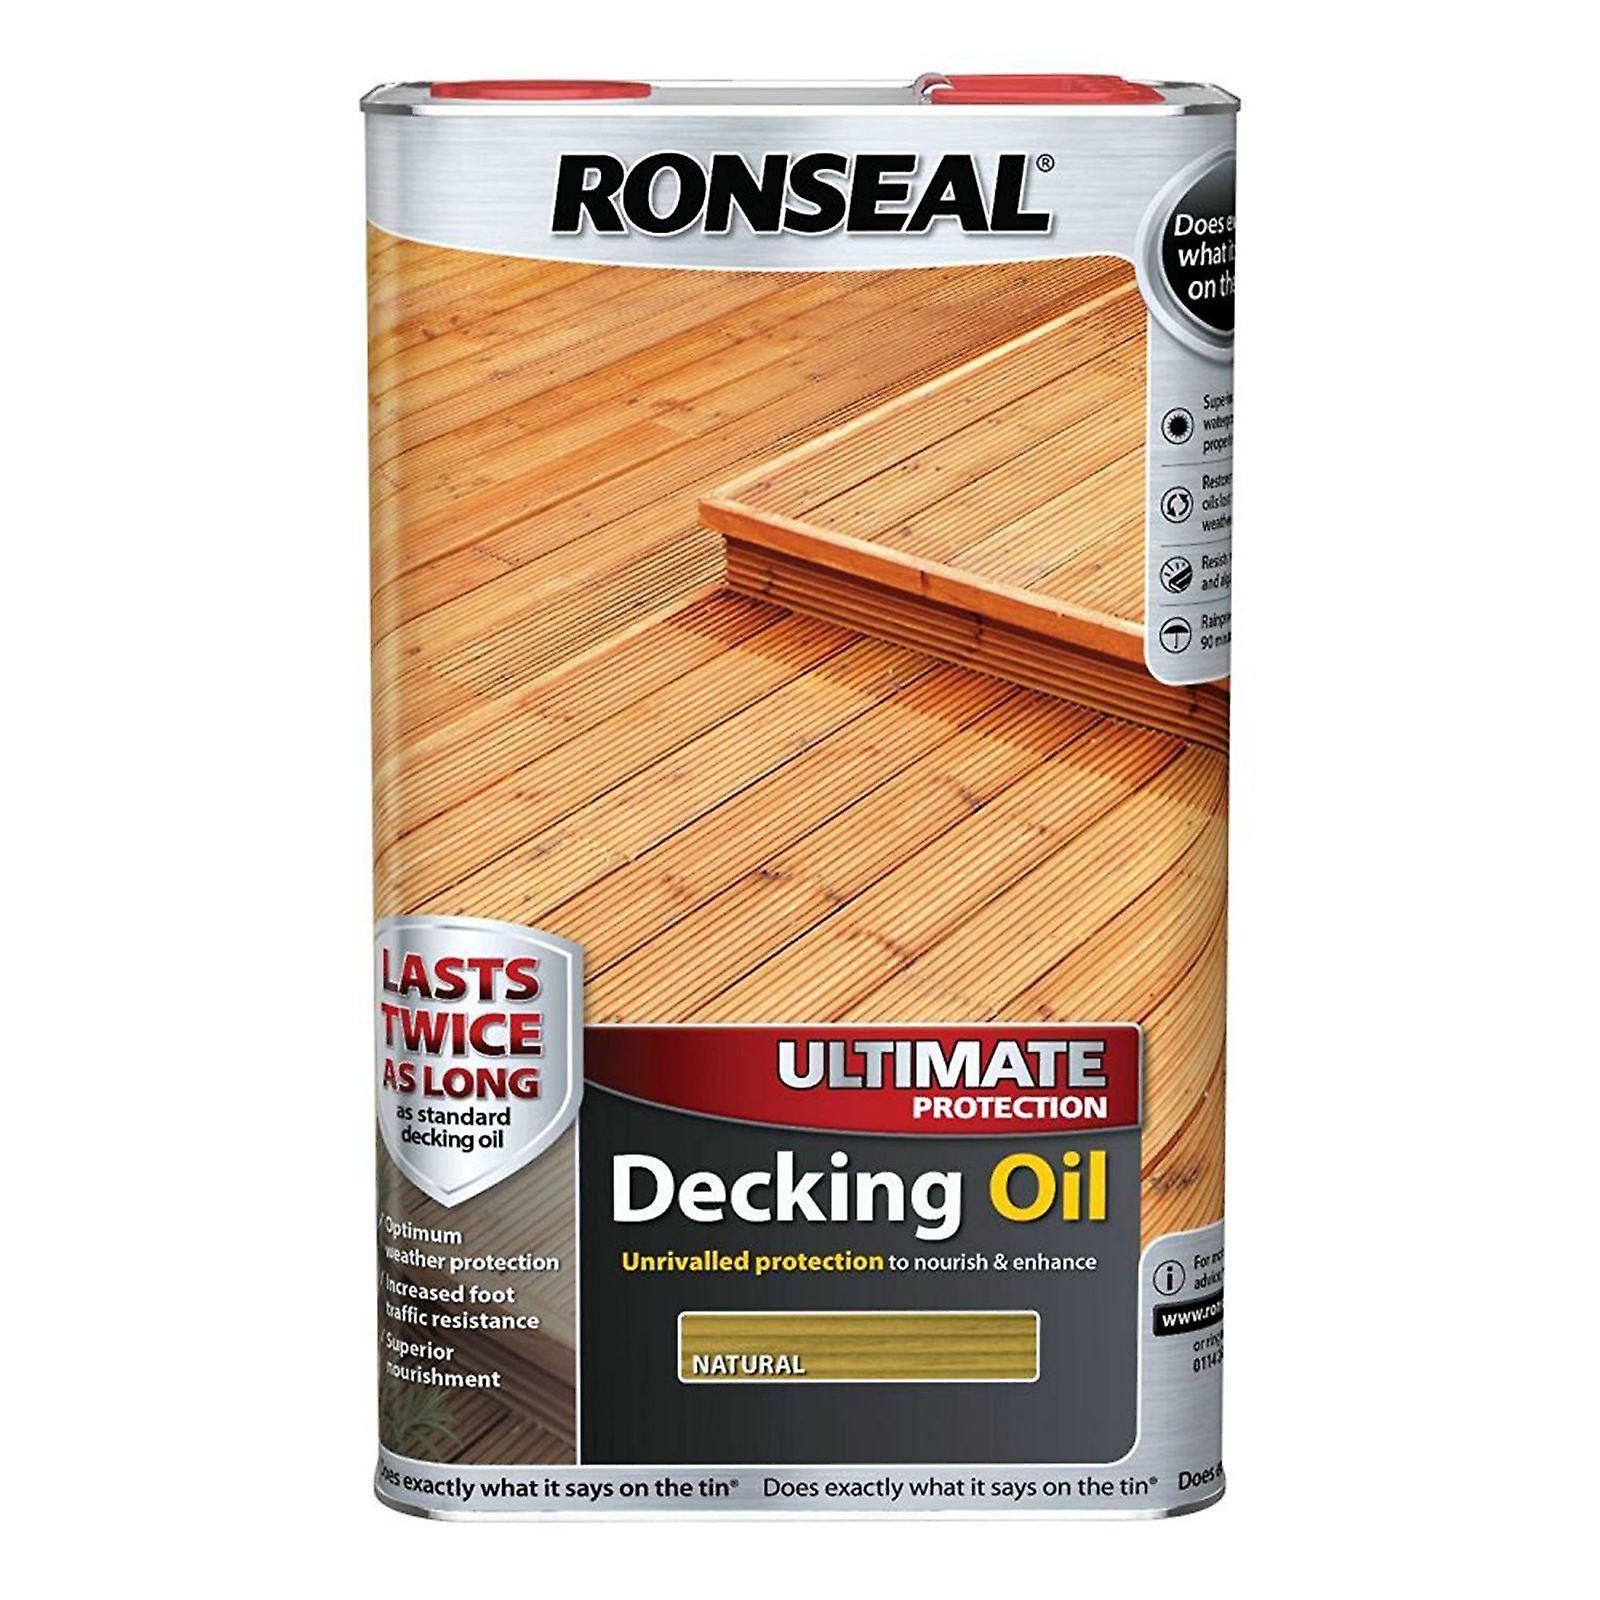 Ronseal Ultimate protezione Decking olio da 5 litri - naturale